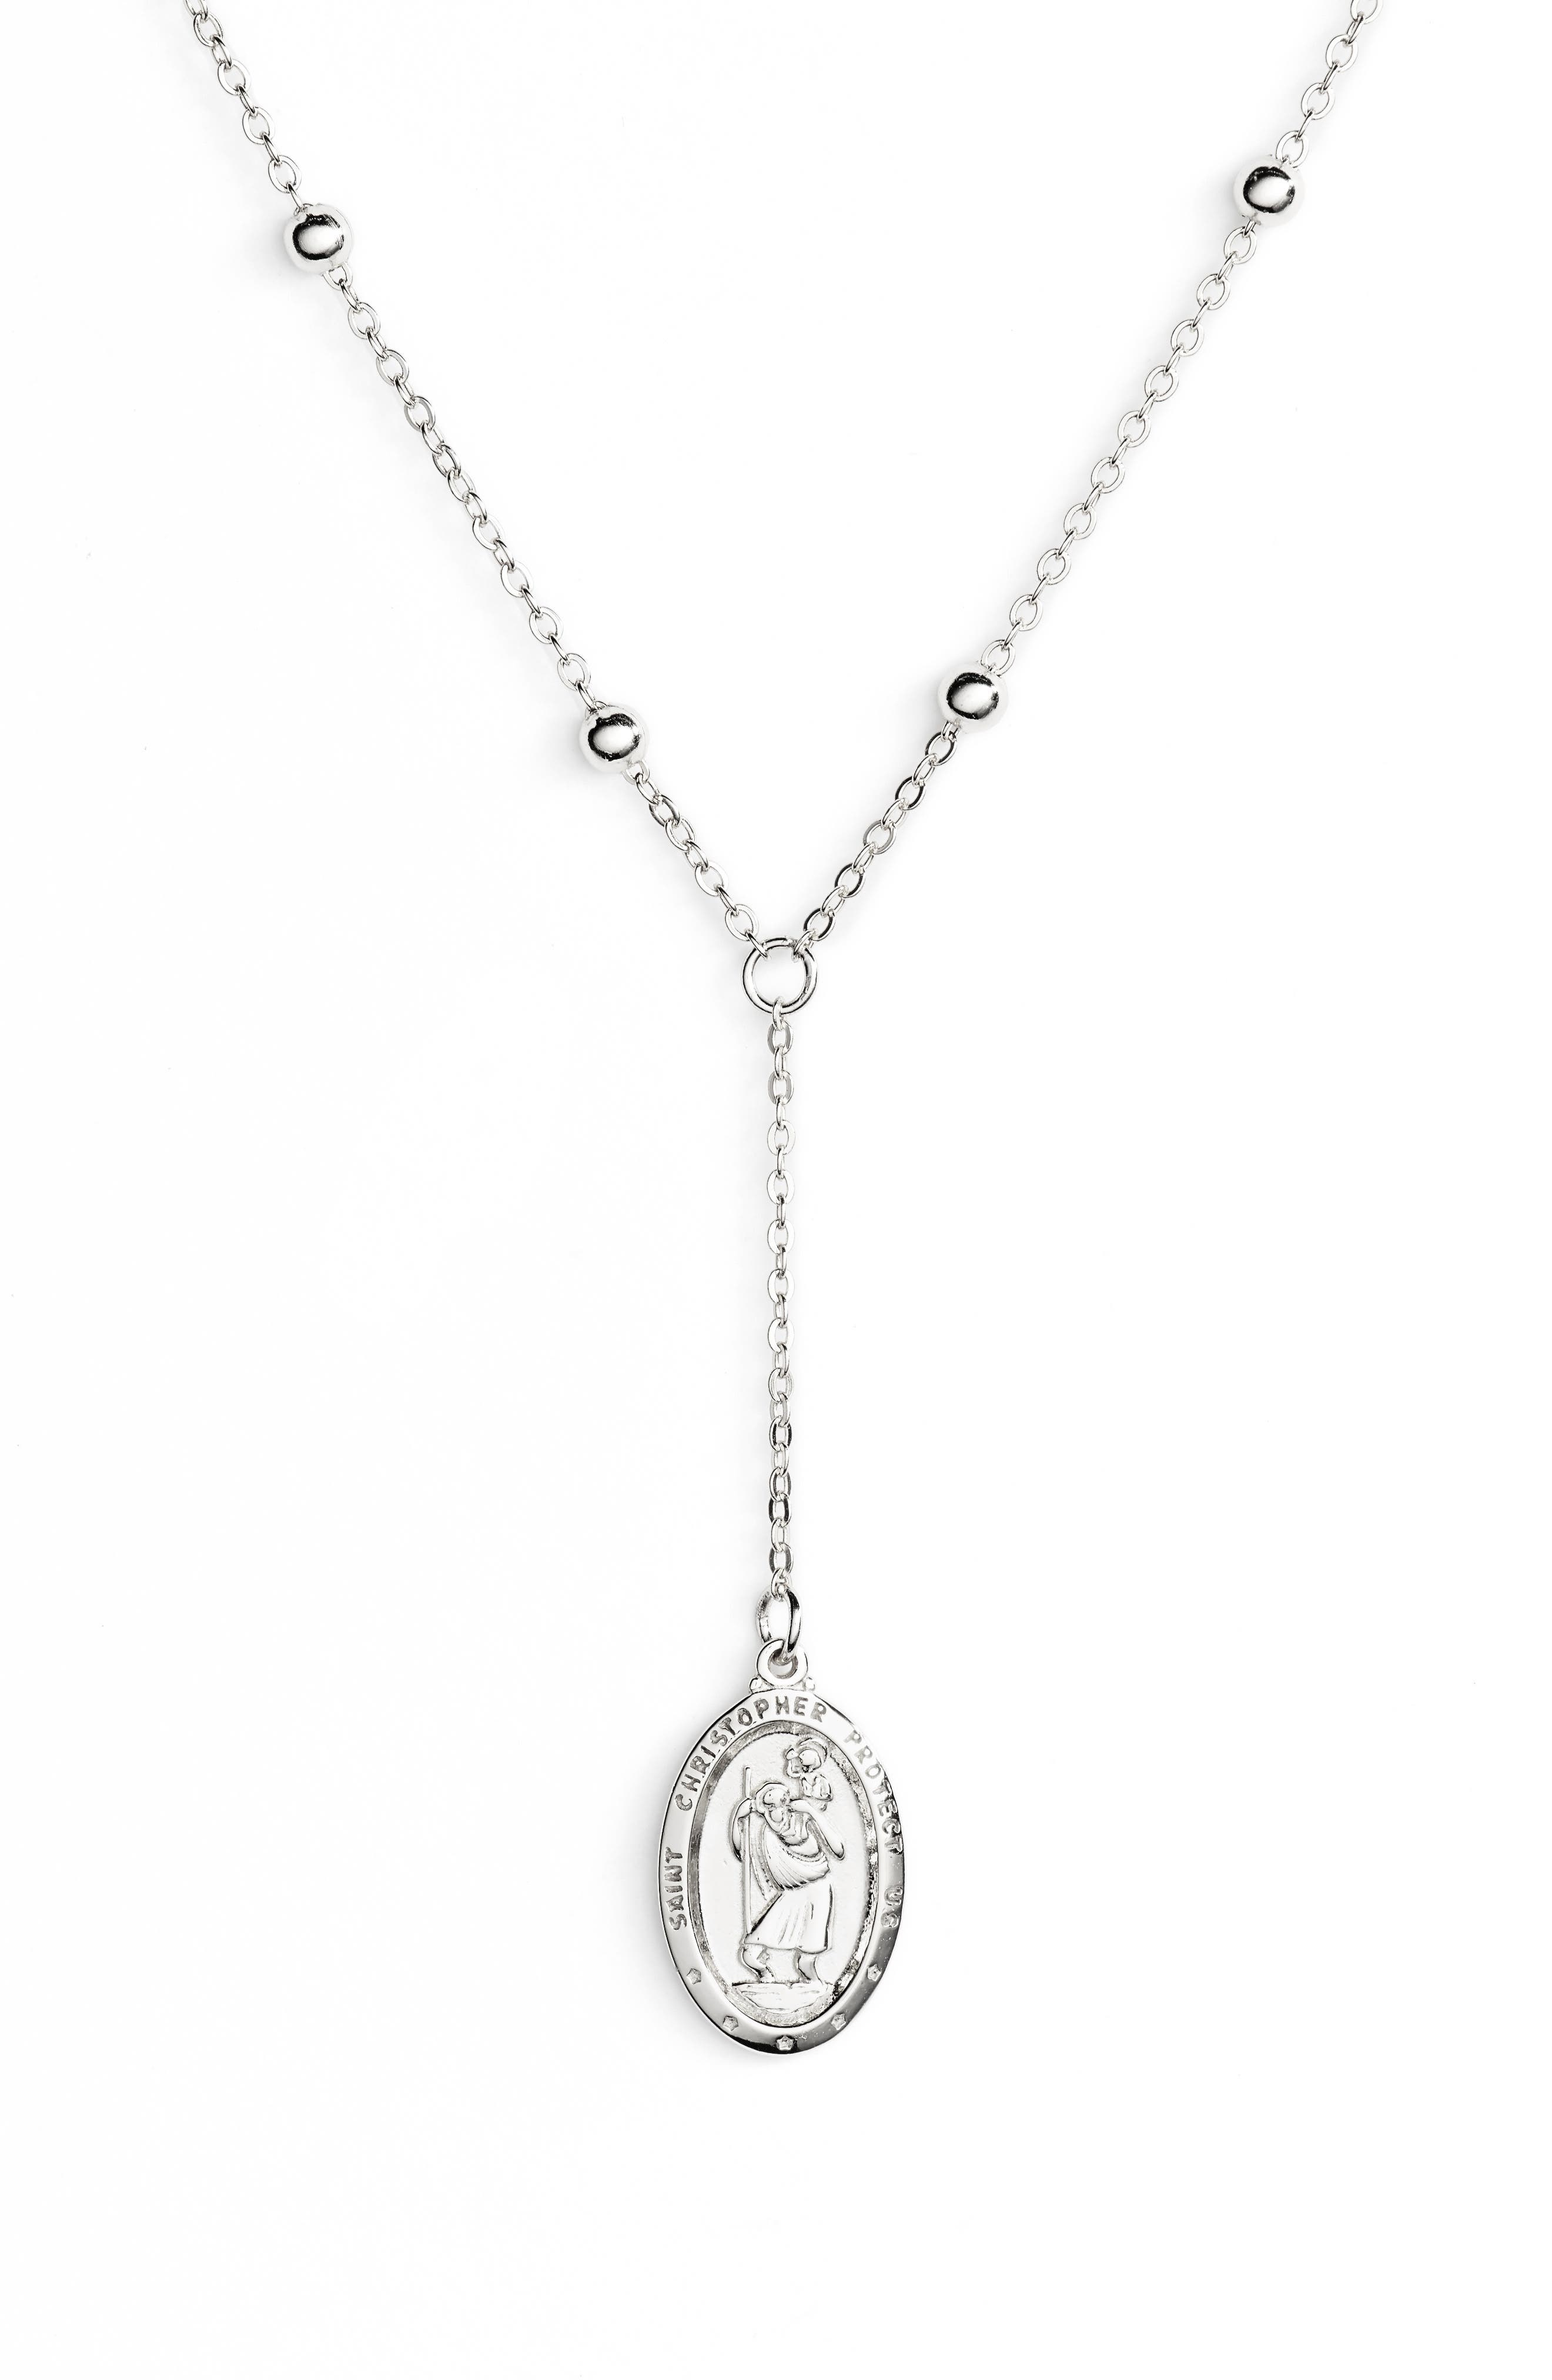 Saint Christopher Lariat Necklace,                             Main thumbnail 1, color,                             040